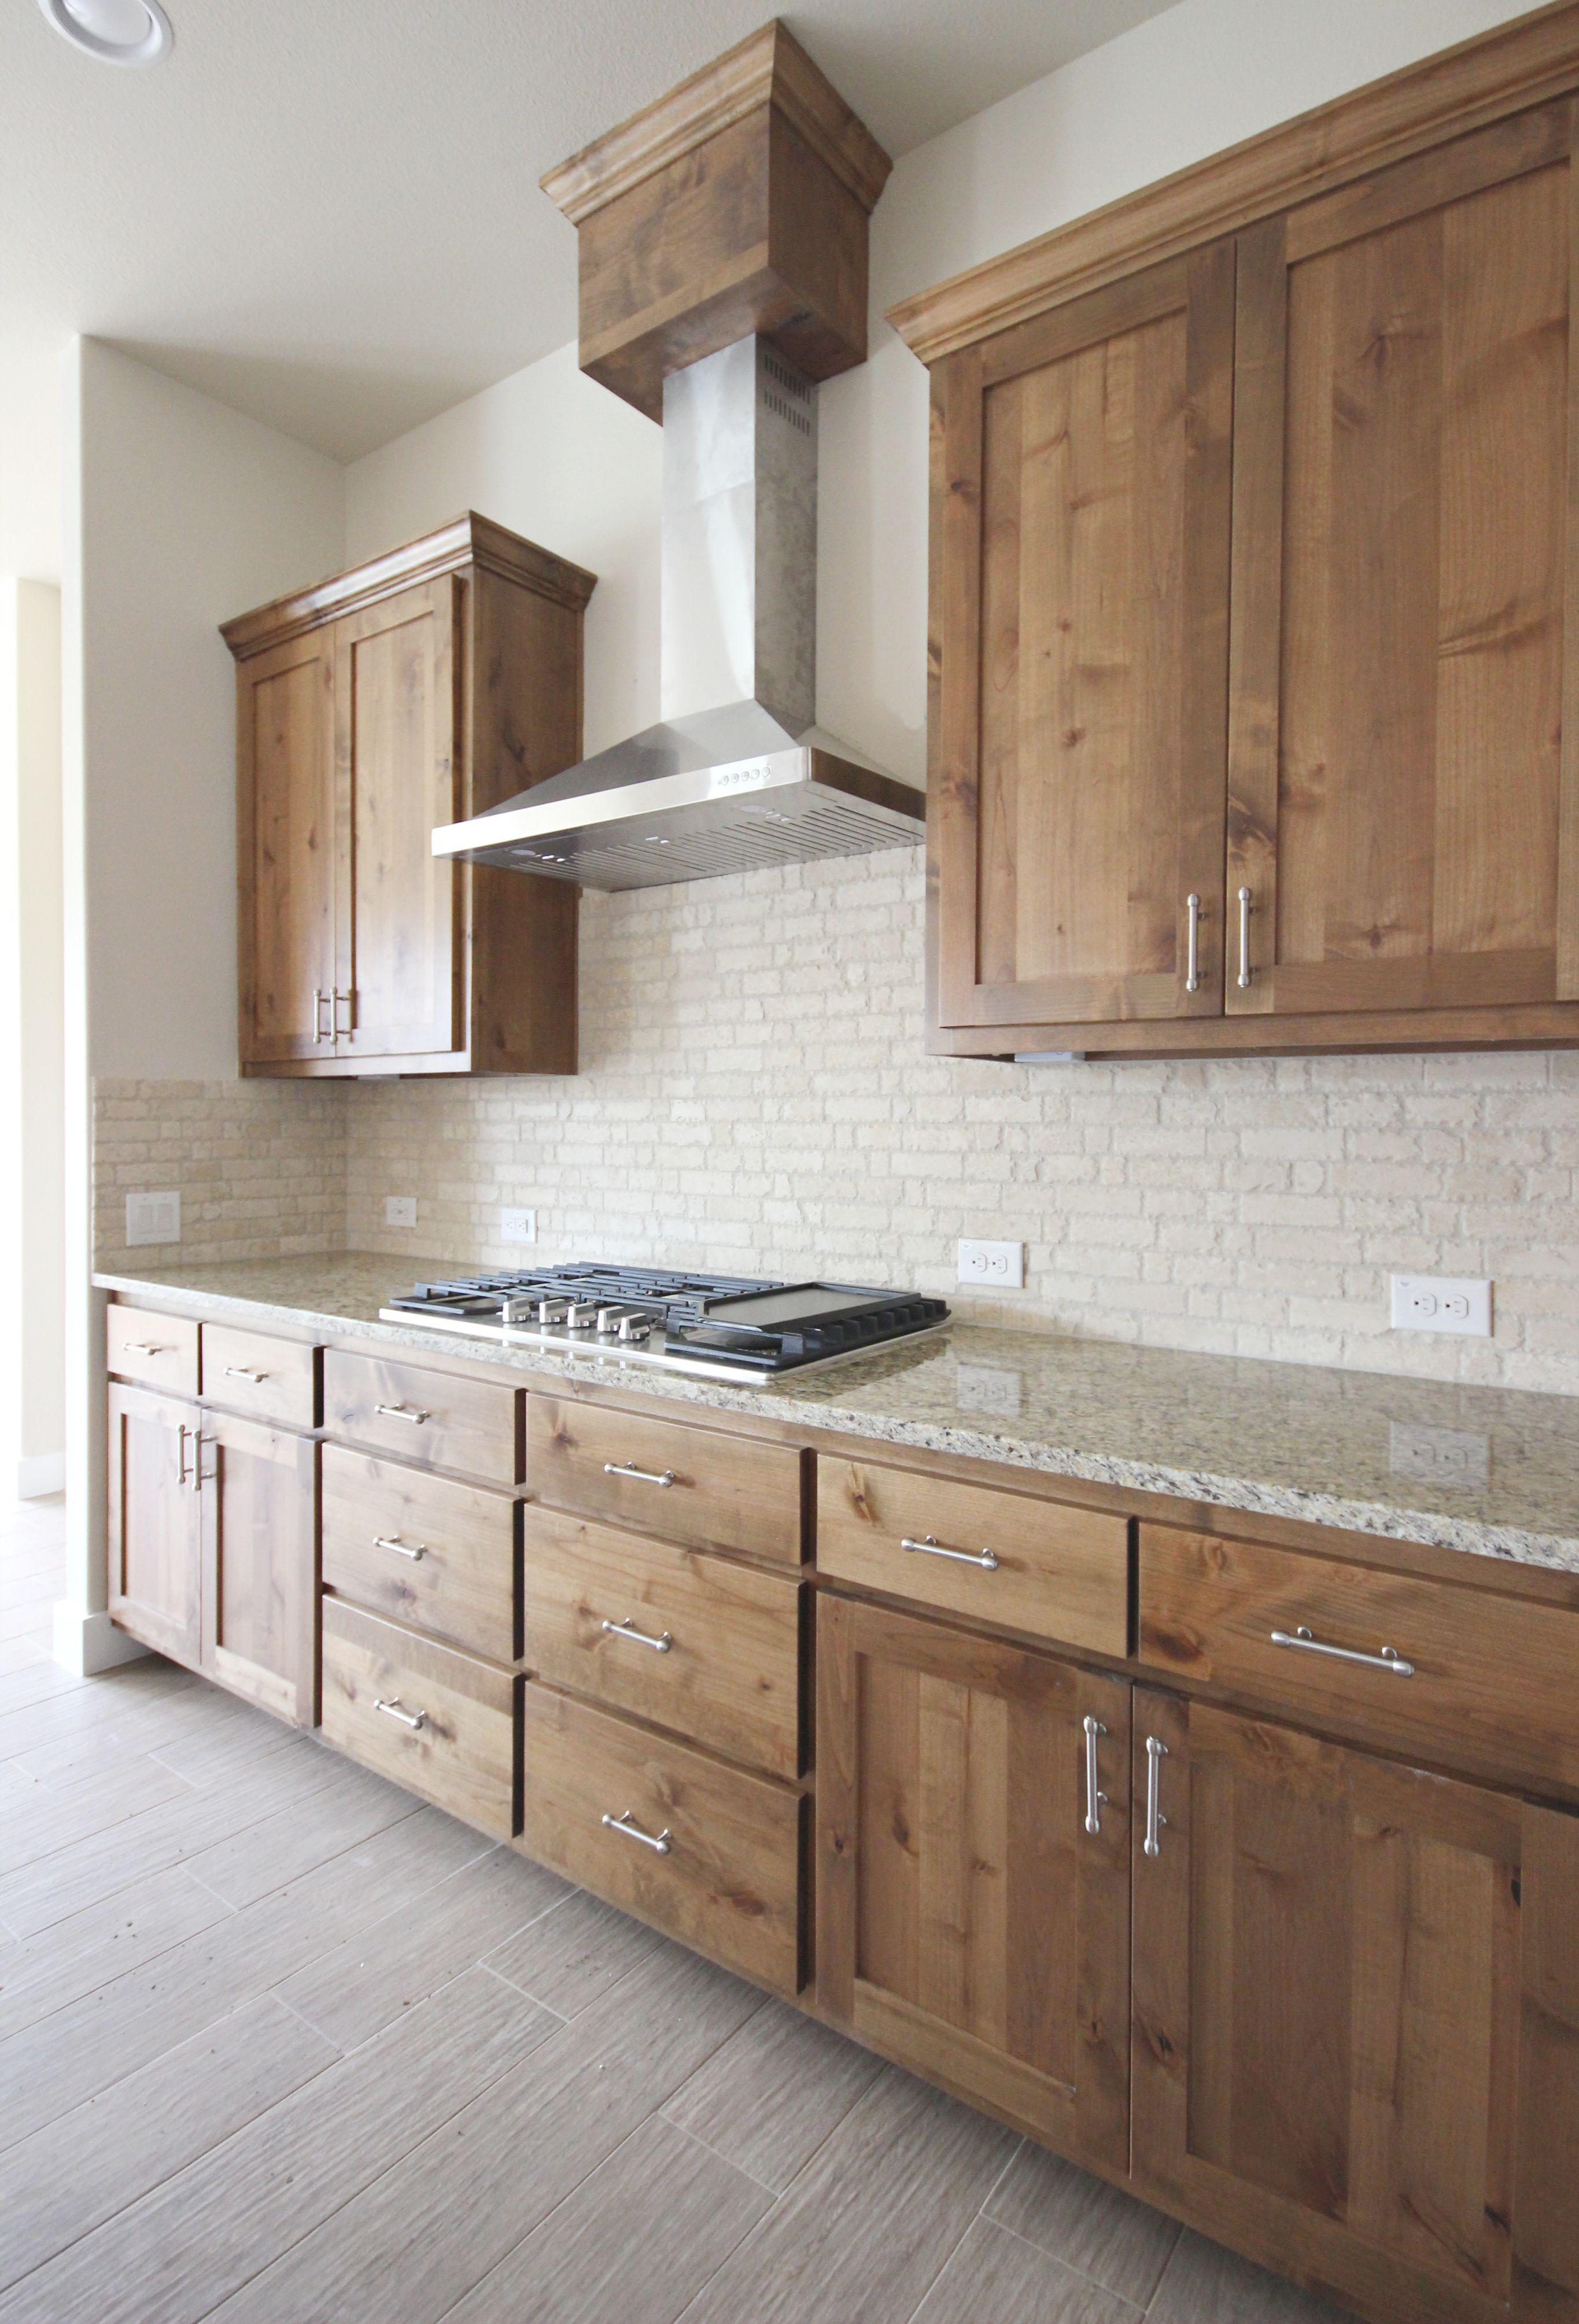 Rustic Kitchen Rustic Modern Kitchen Alder Kitchen Cabinets